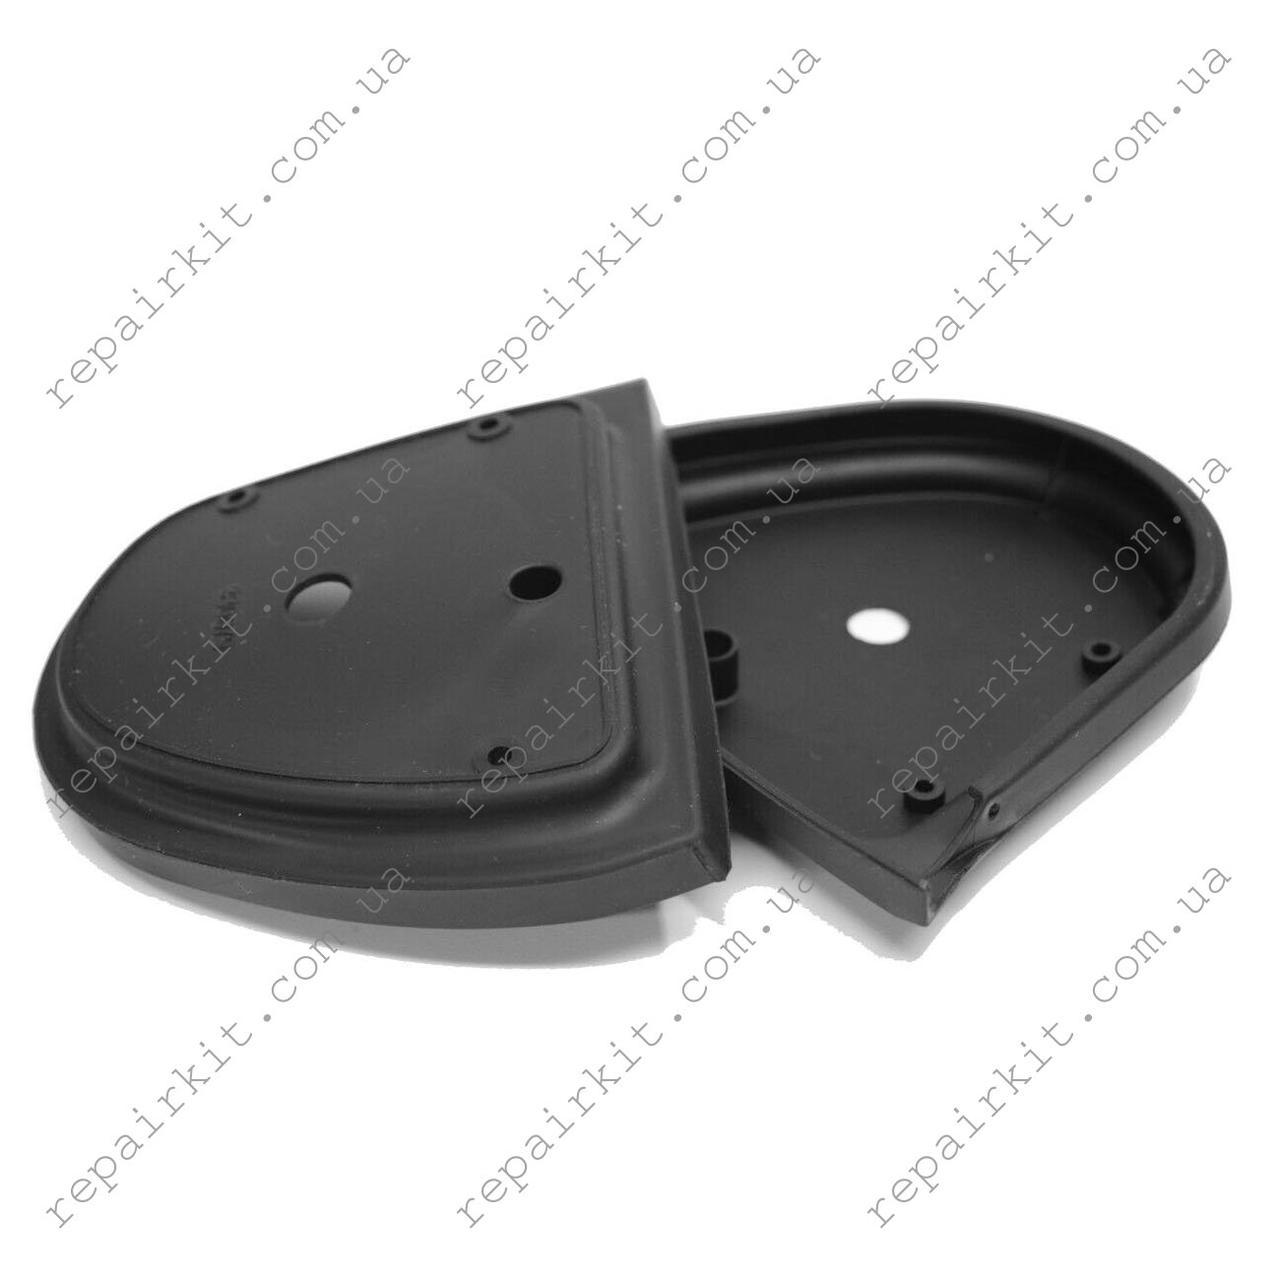 Уплотнители боковых зеркал для Mercedes W203 2038106476, 2038104576